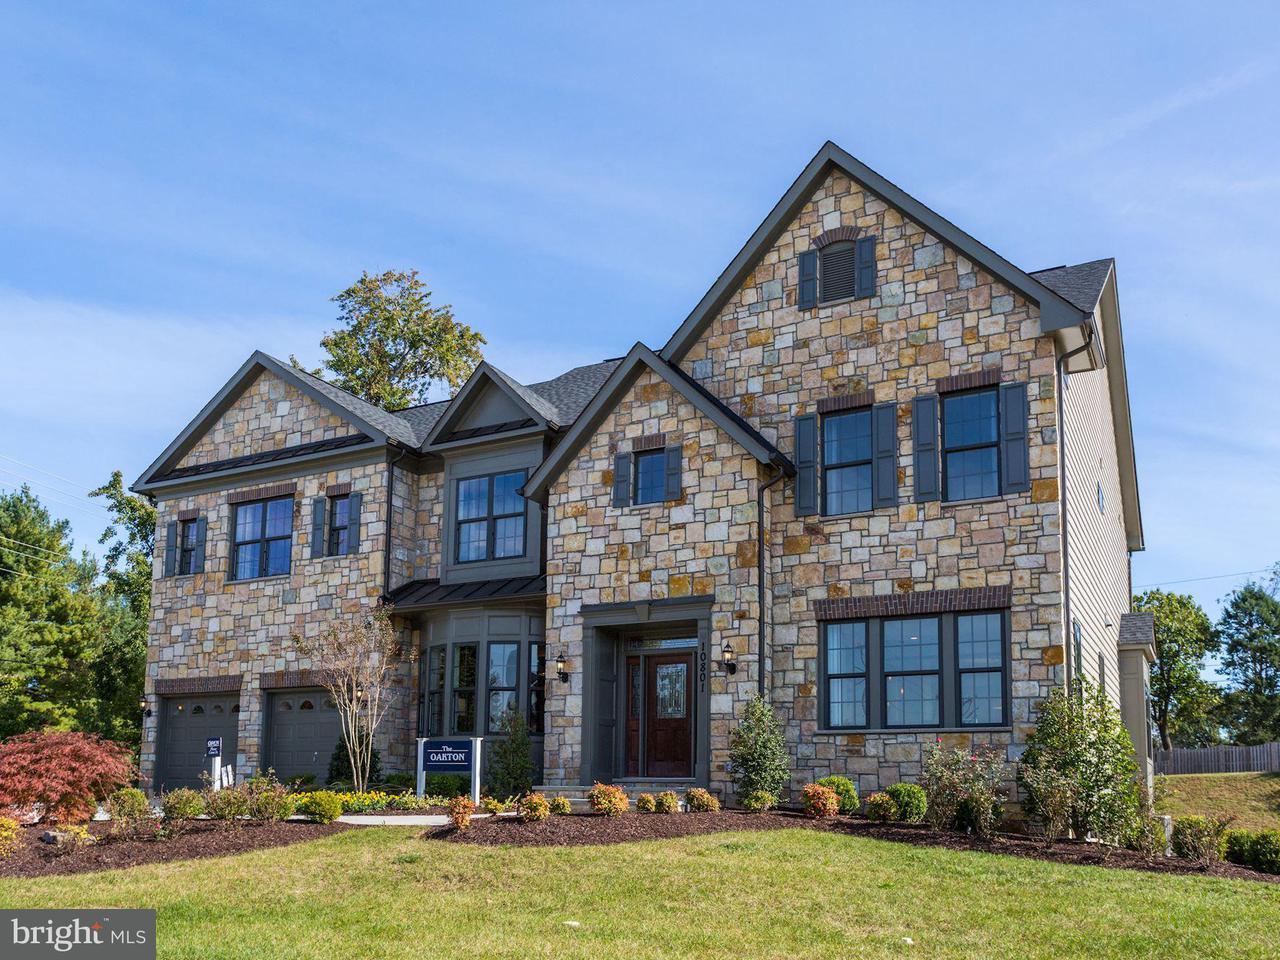 一戸建て のために 売買 アット 10801 ROCKLAND Drive 10801 ROCKLAND Drive Laurel, メリーランド 20723 アメリカ合衆国